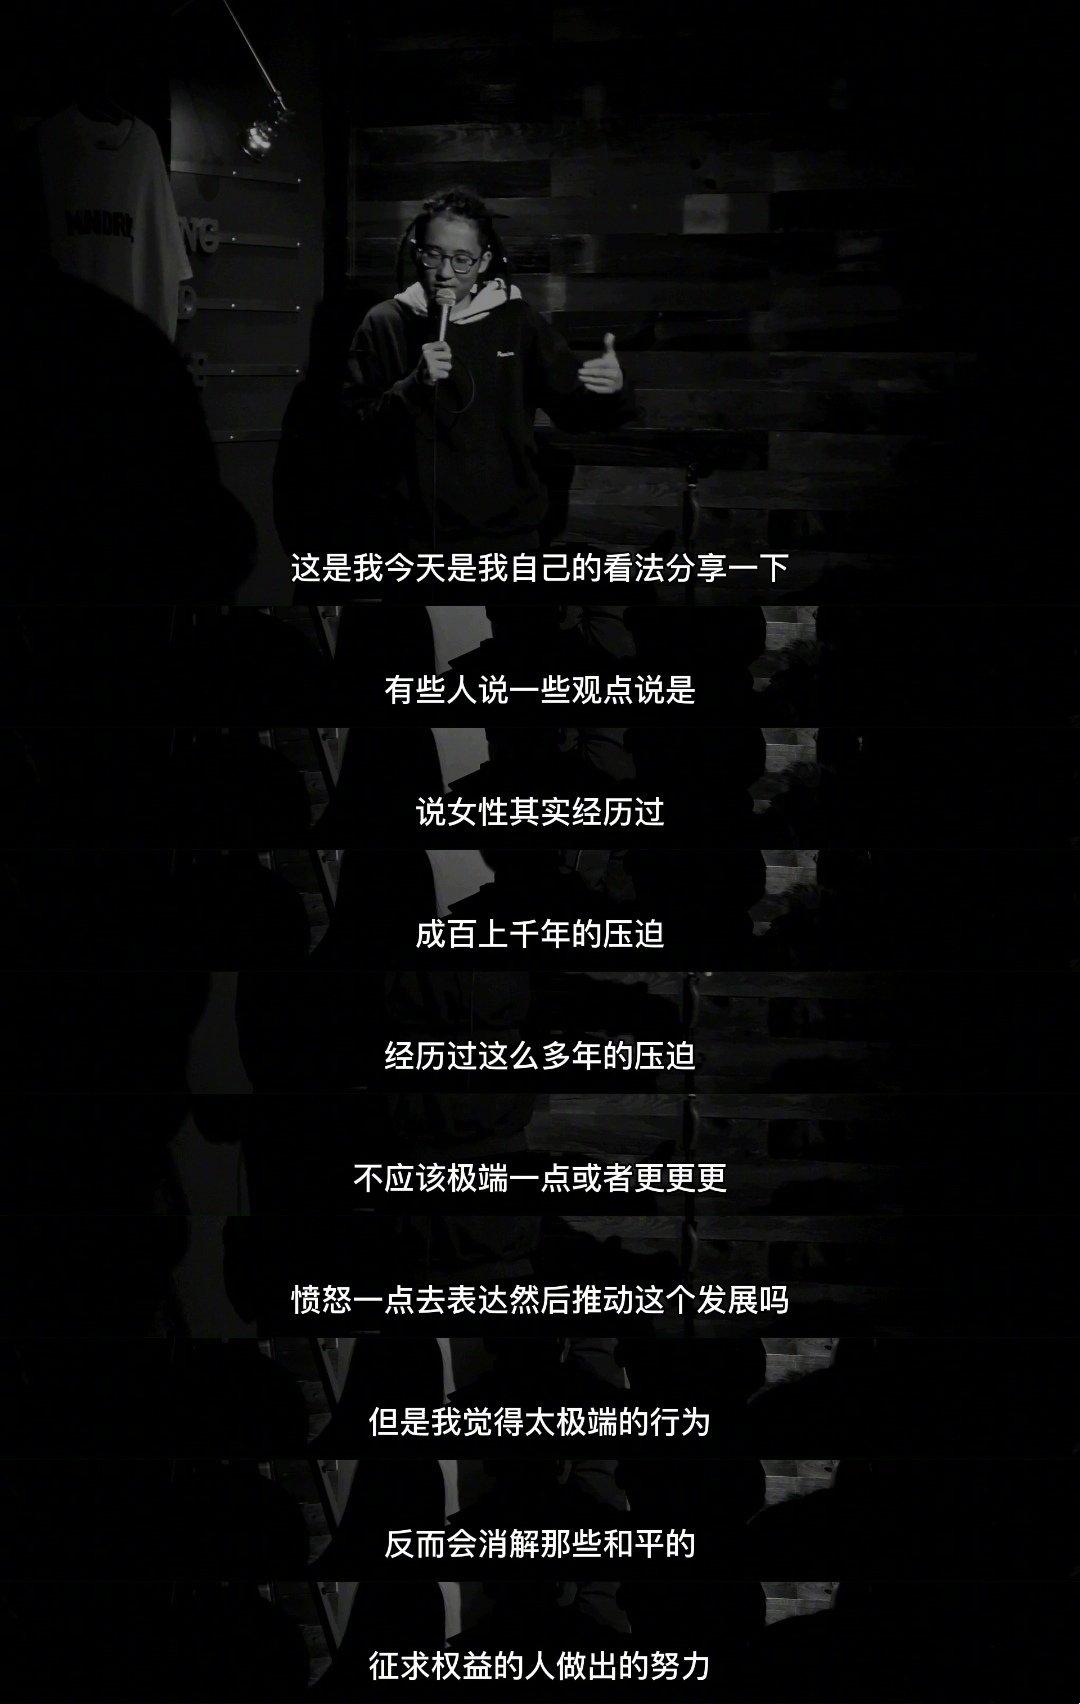 池子回应评论杨笠,表演煽动性大于消解性,自称不喜欢制造对立